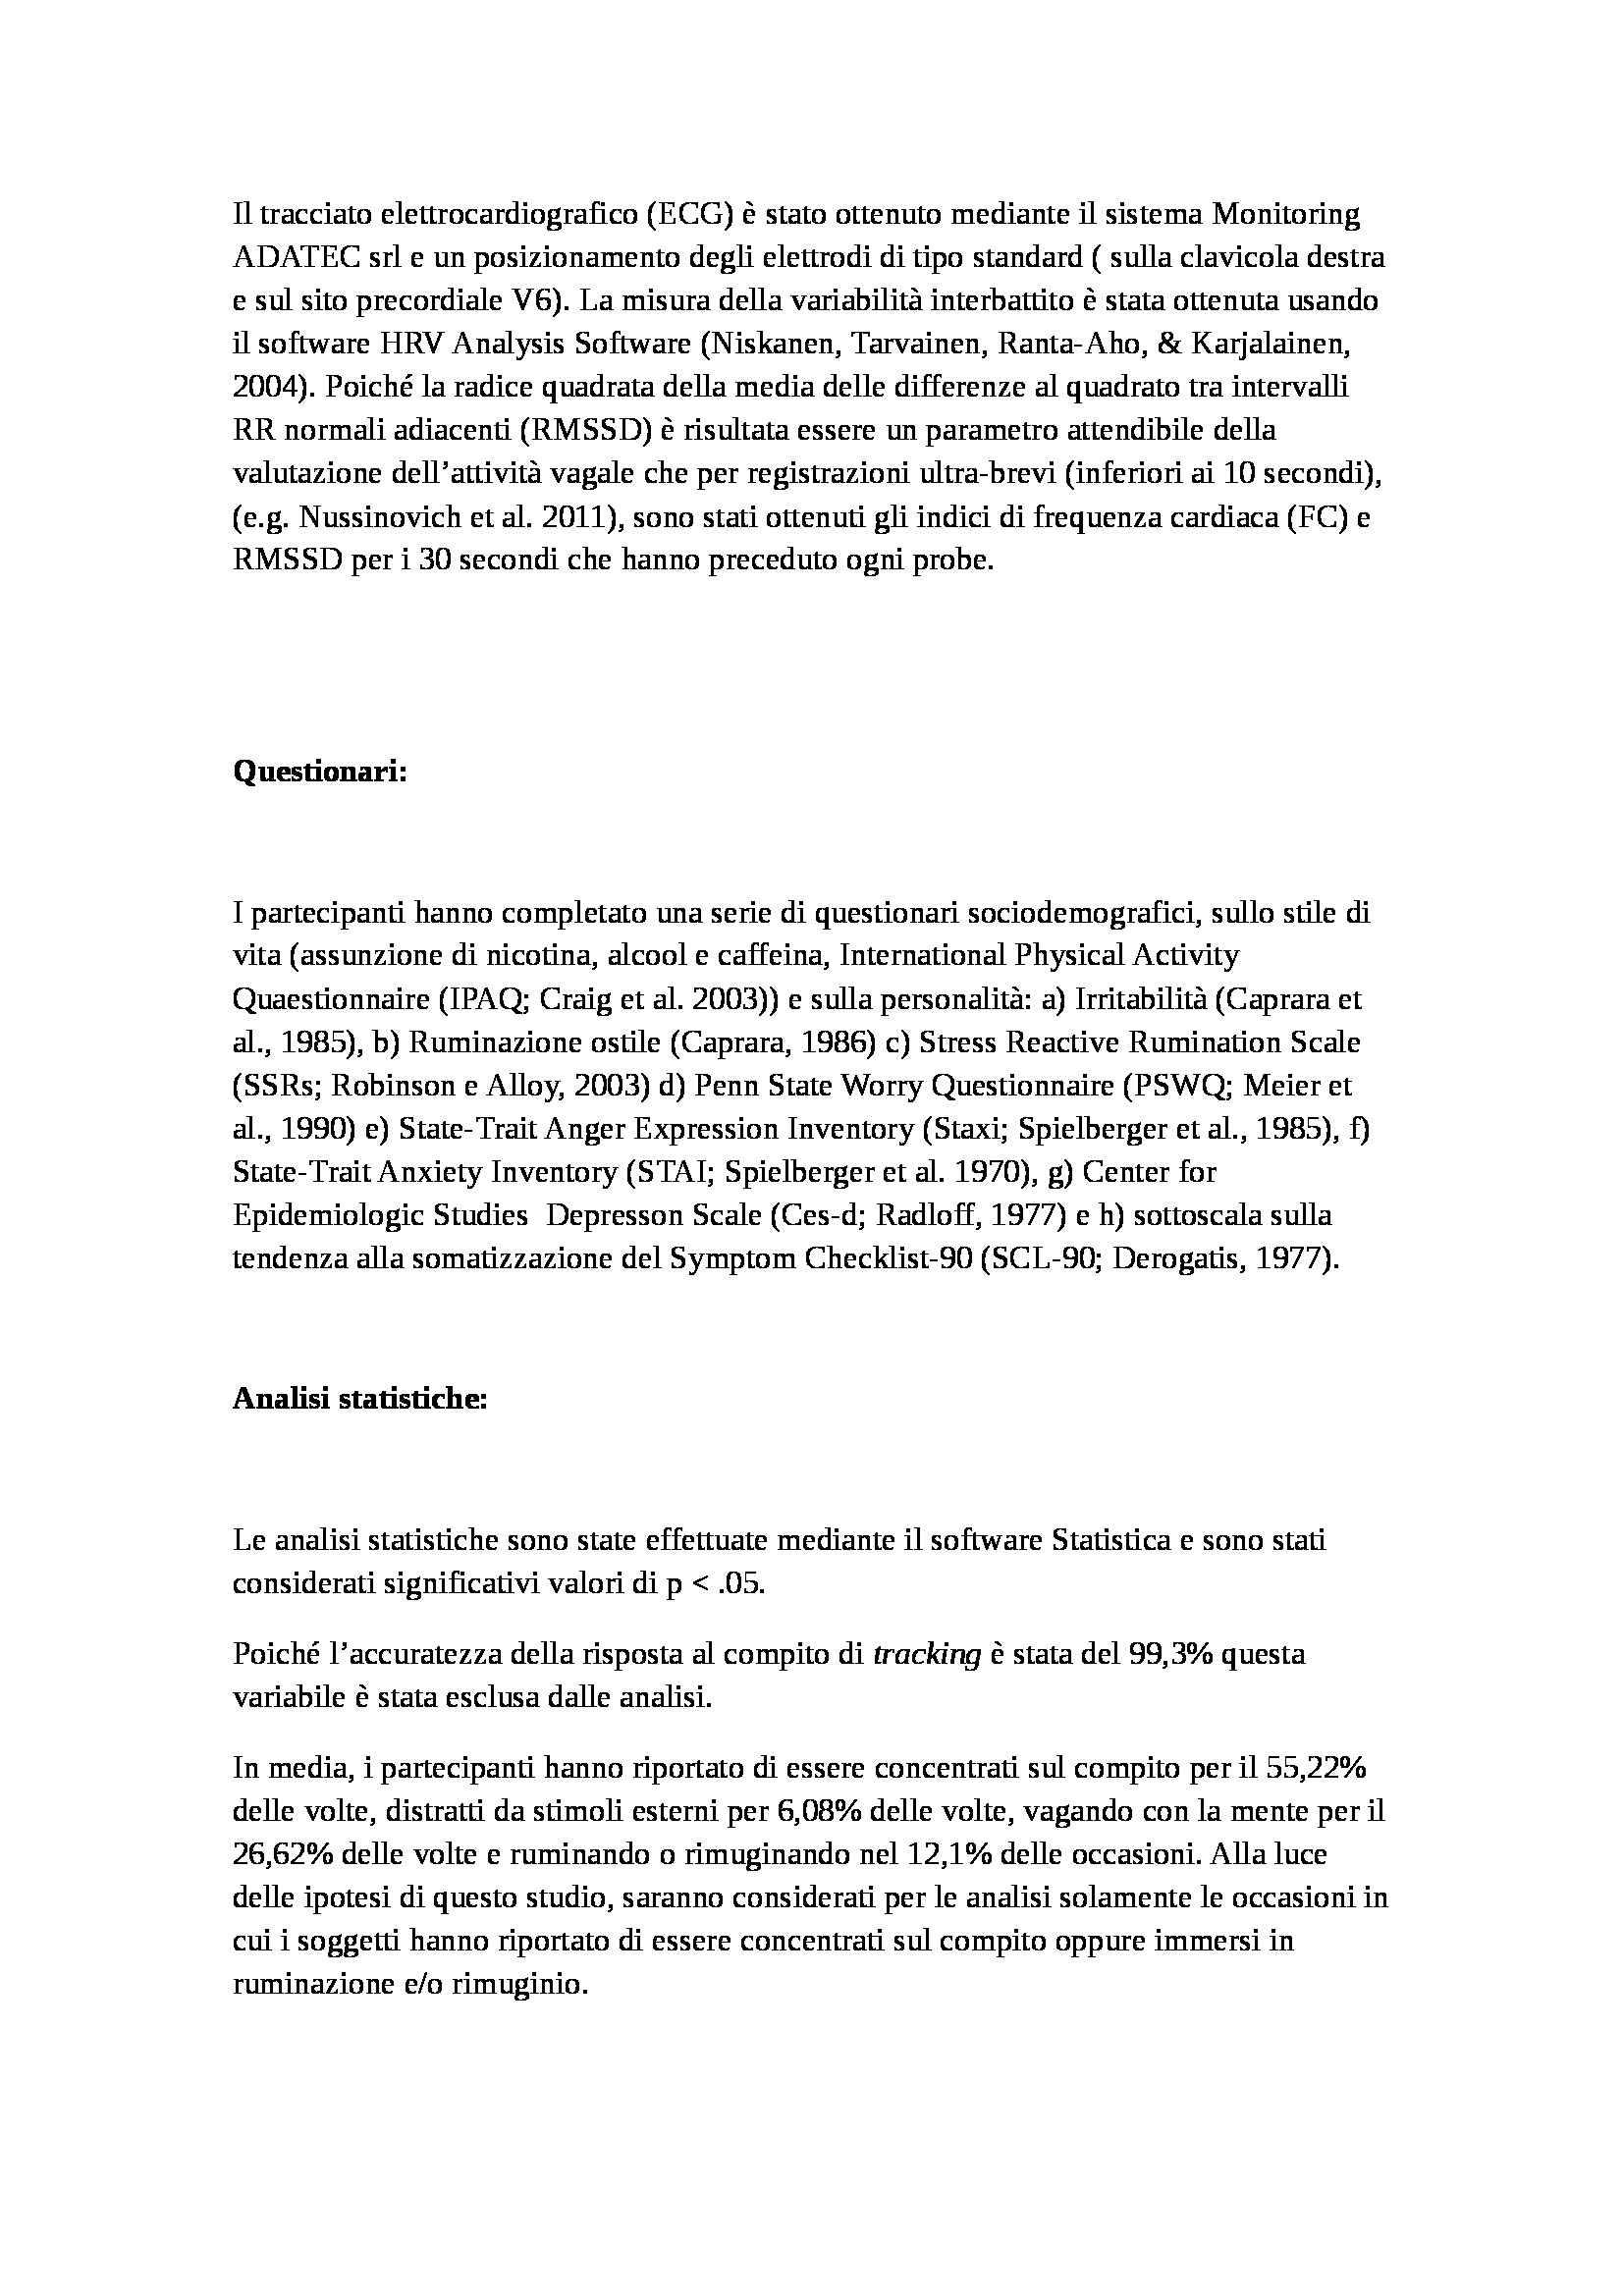 Tesi - Rimuginio e ruminazione in disturbi di ansia e depressione Pag. 26